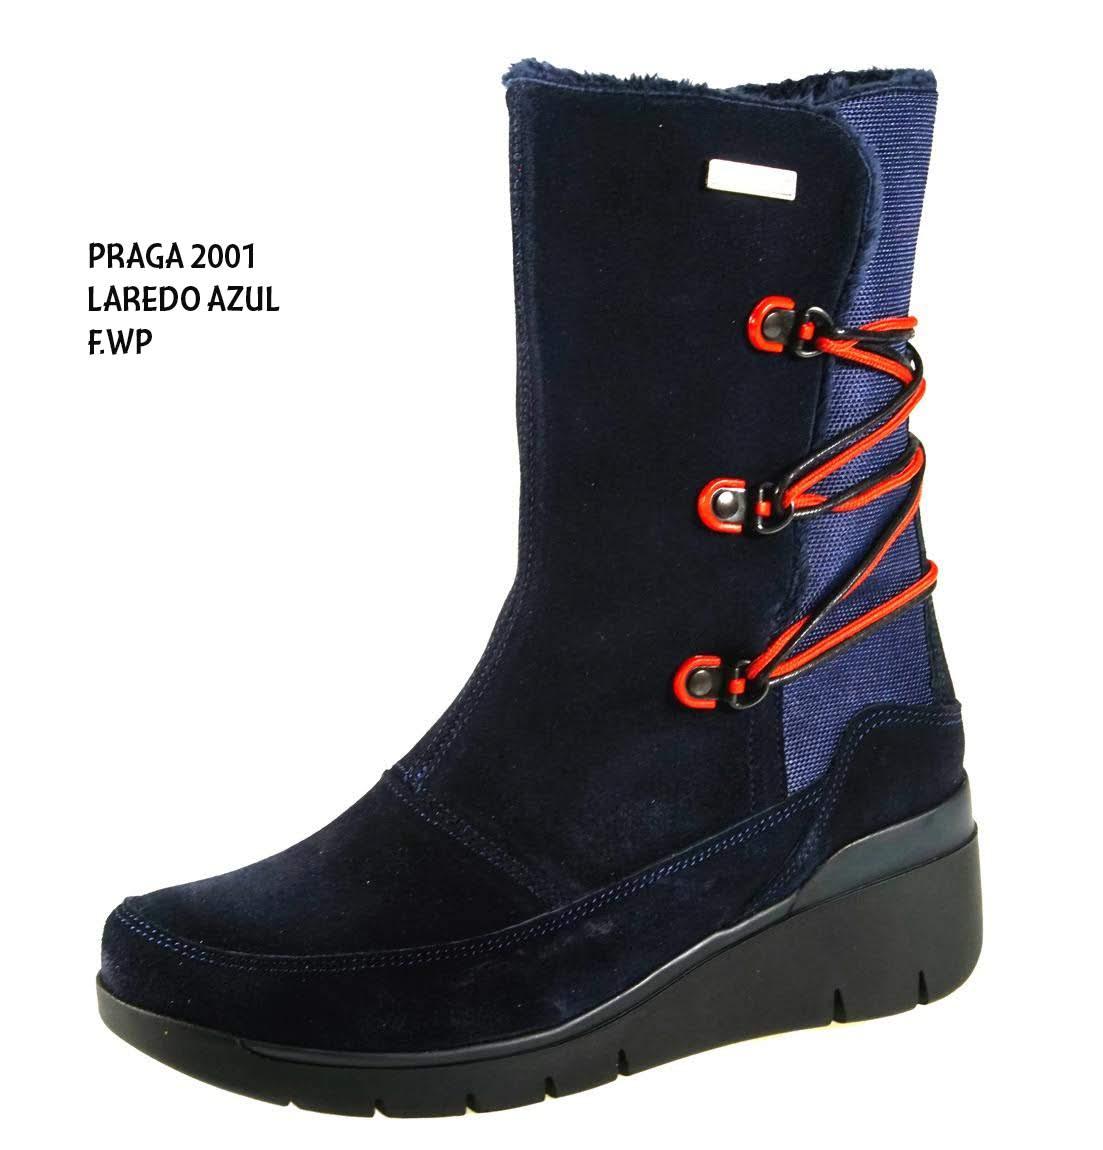 PRAGA2001 LAREDO AZUL F. WP